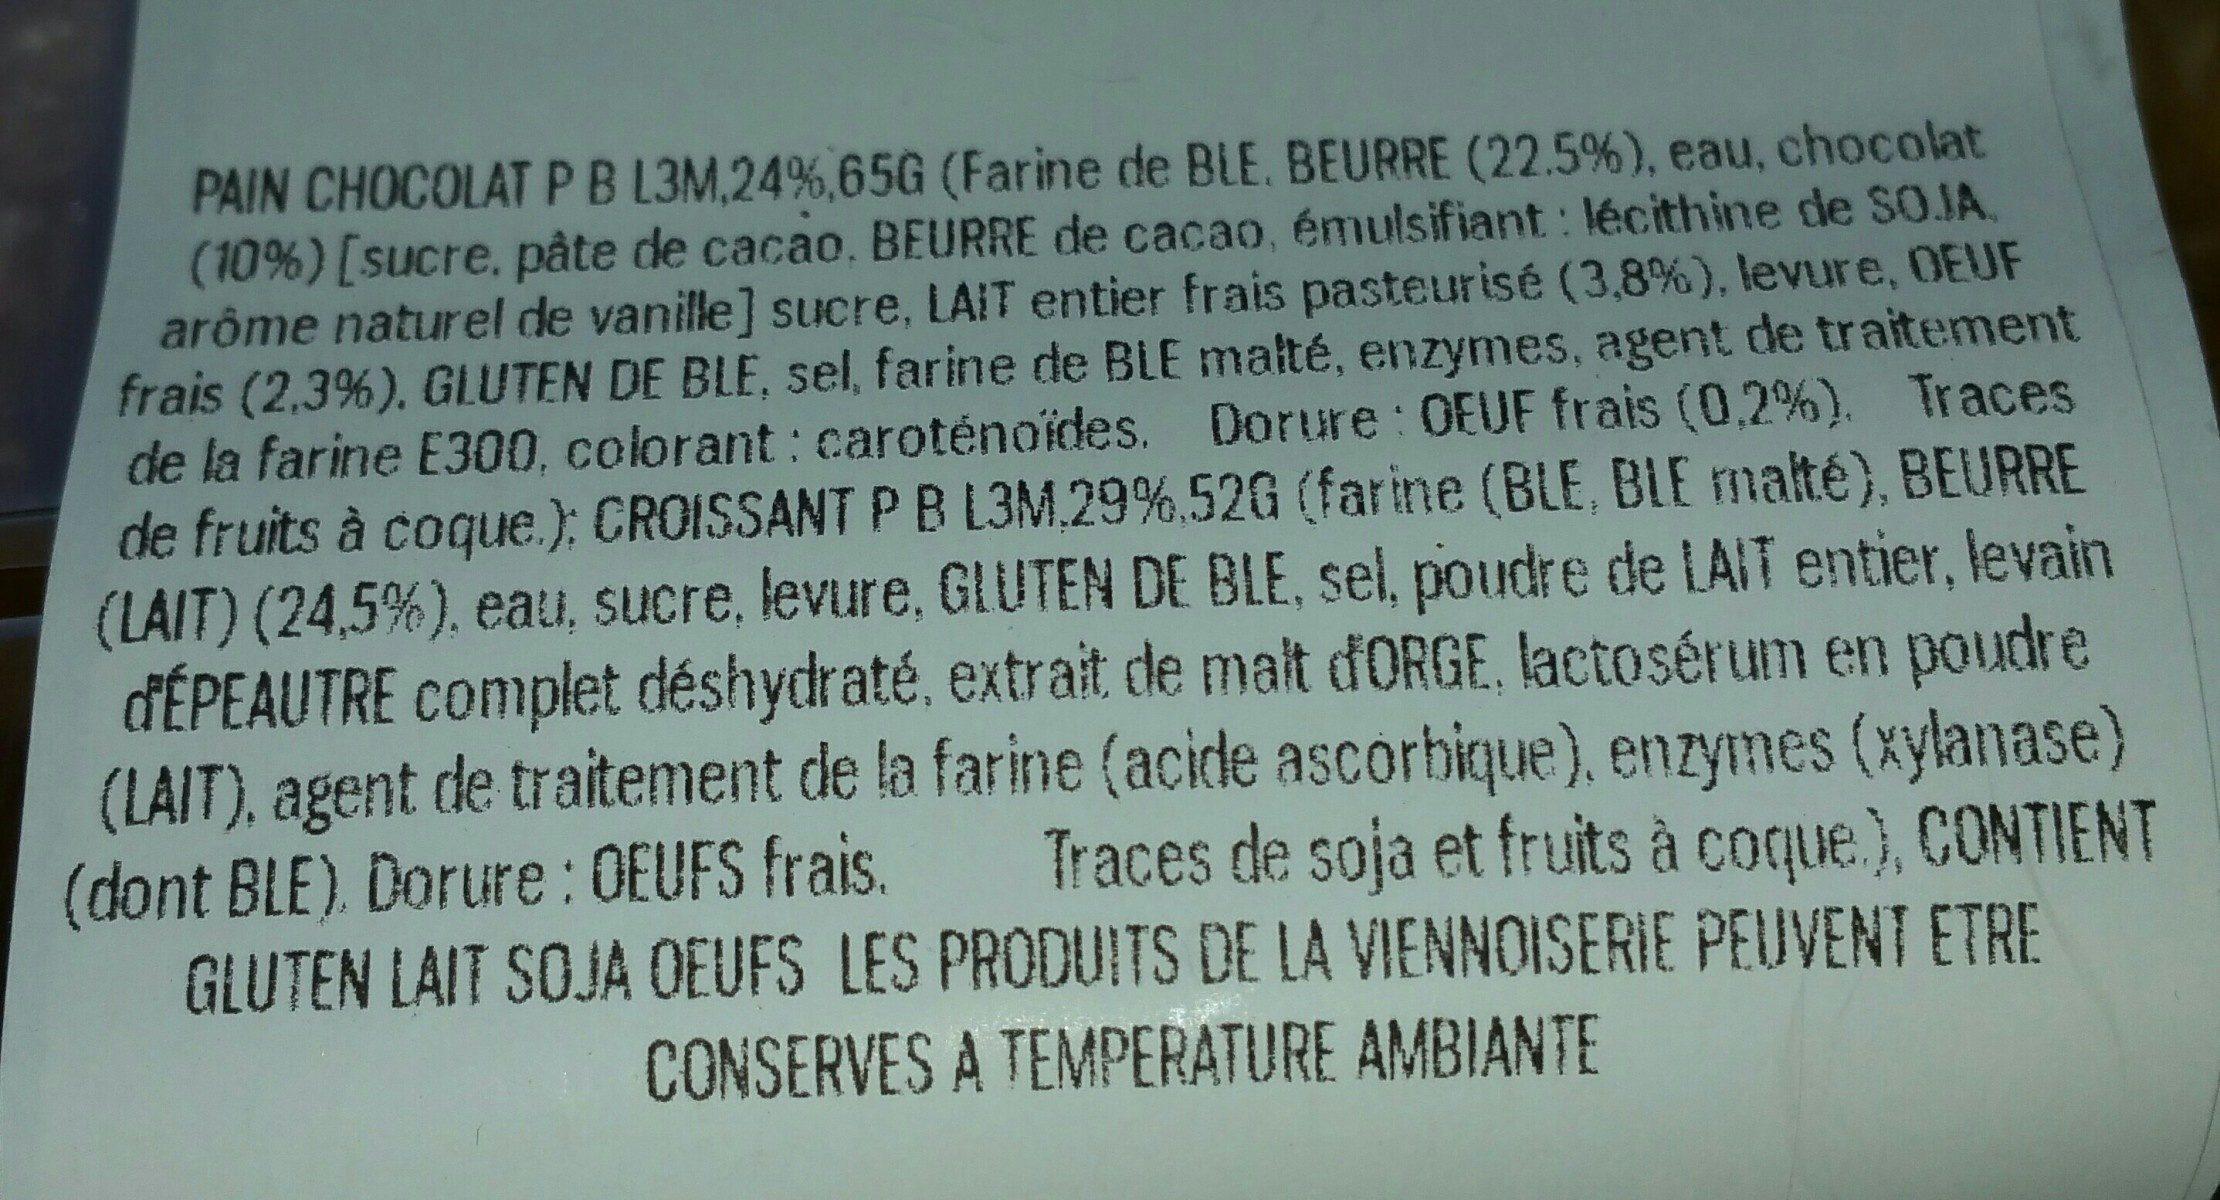 Pains au chocolat L3M - Ingredients